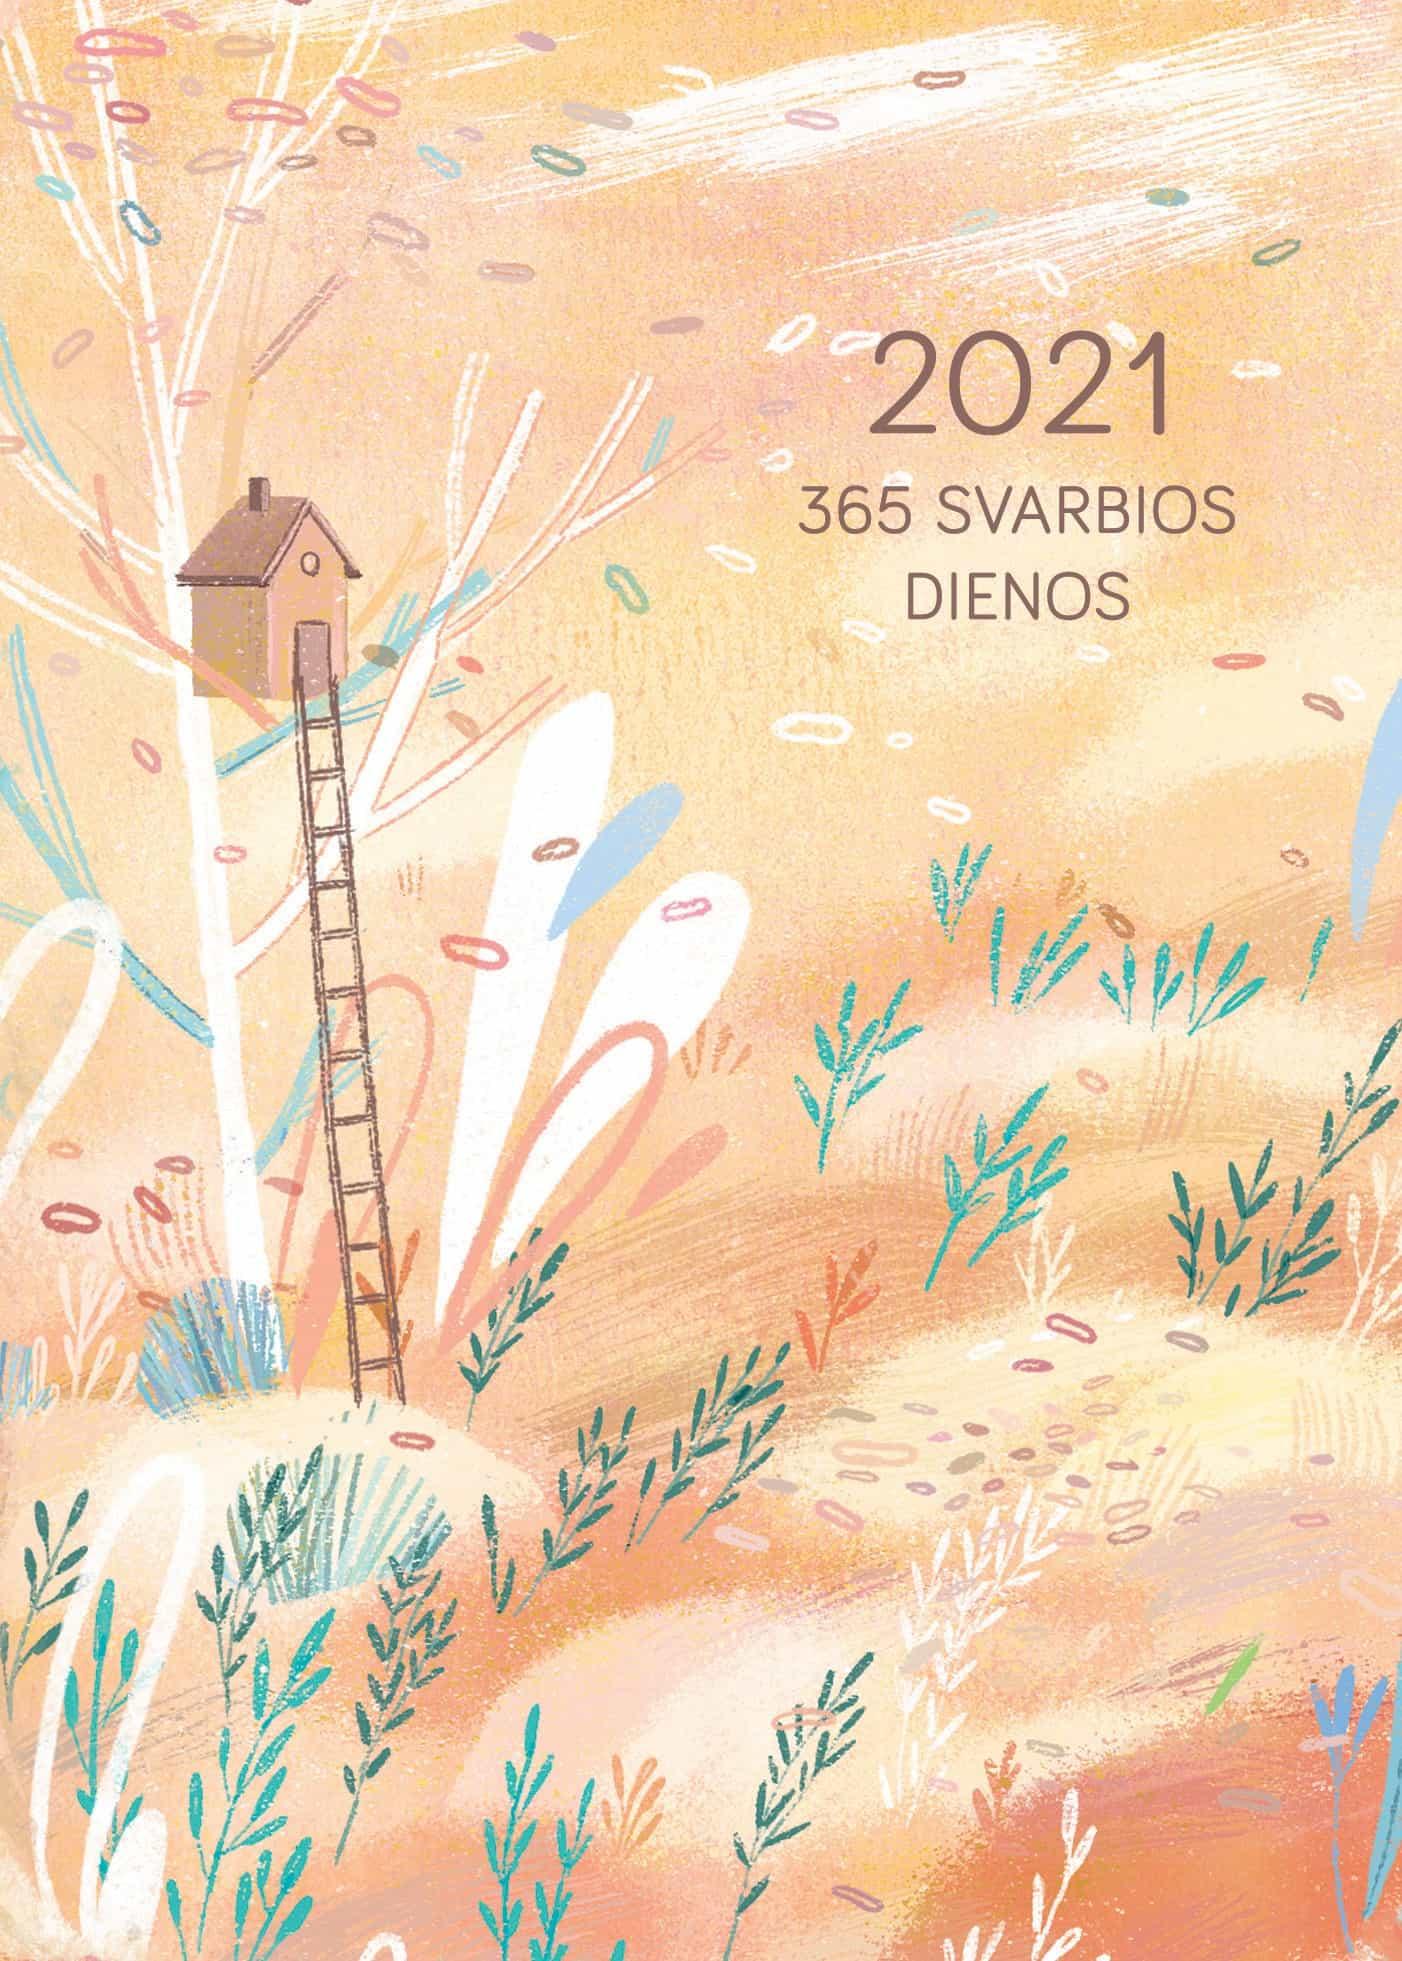 DK8 365 svarbios dienos 2021